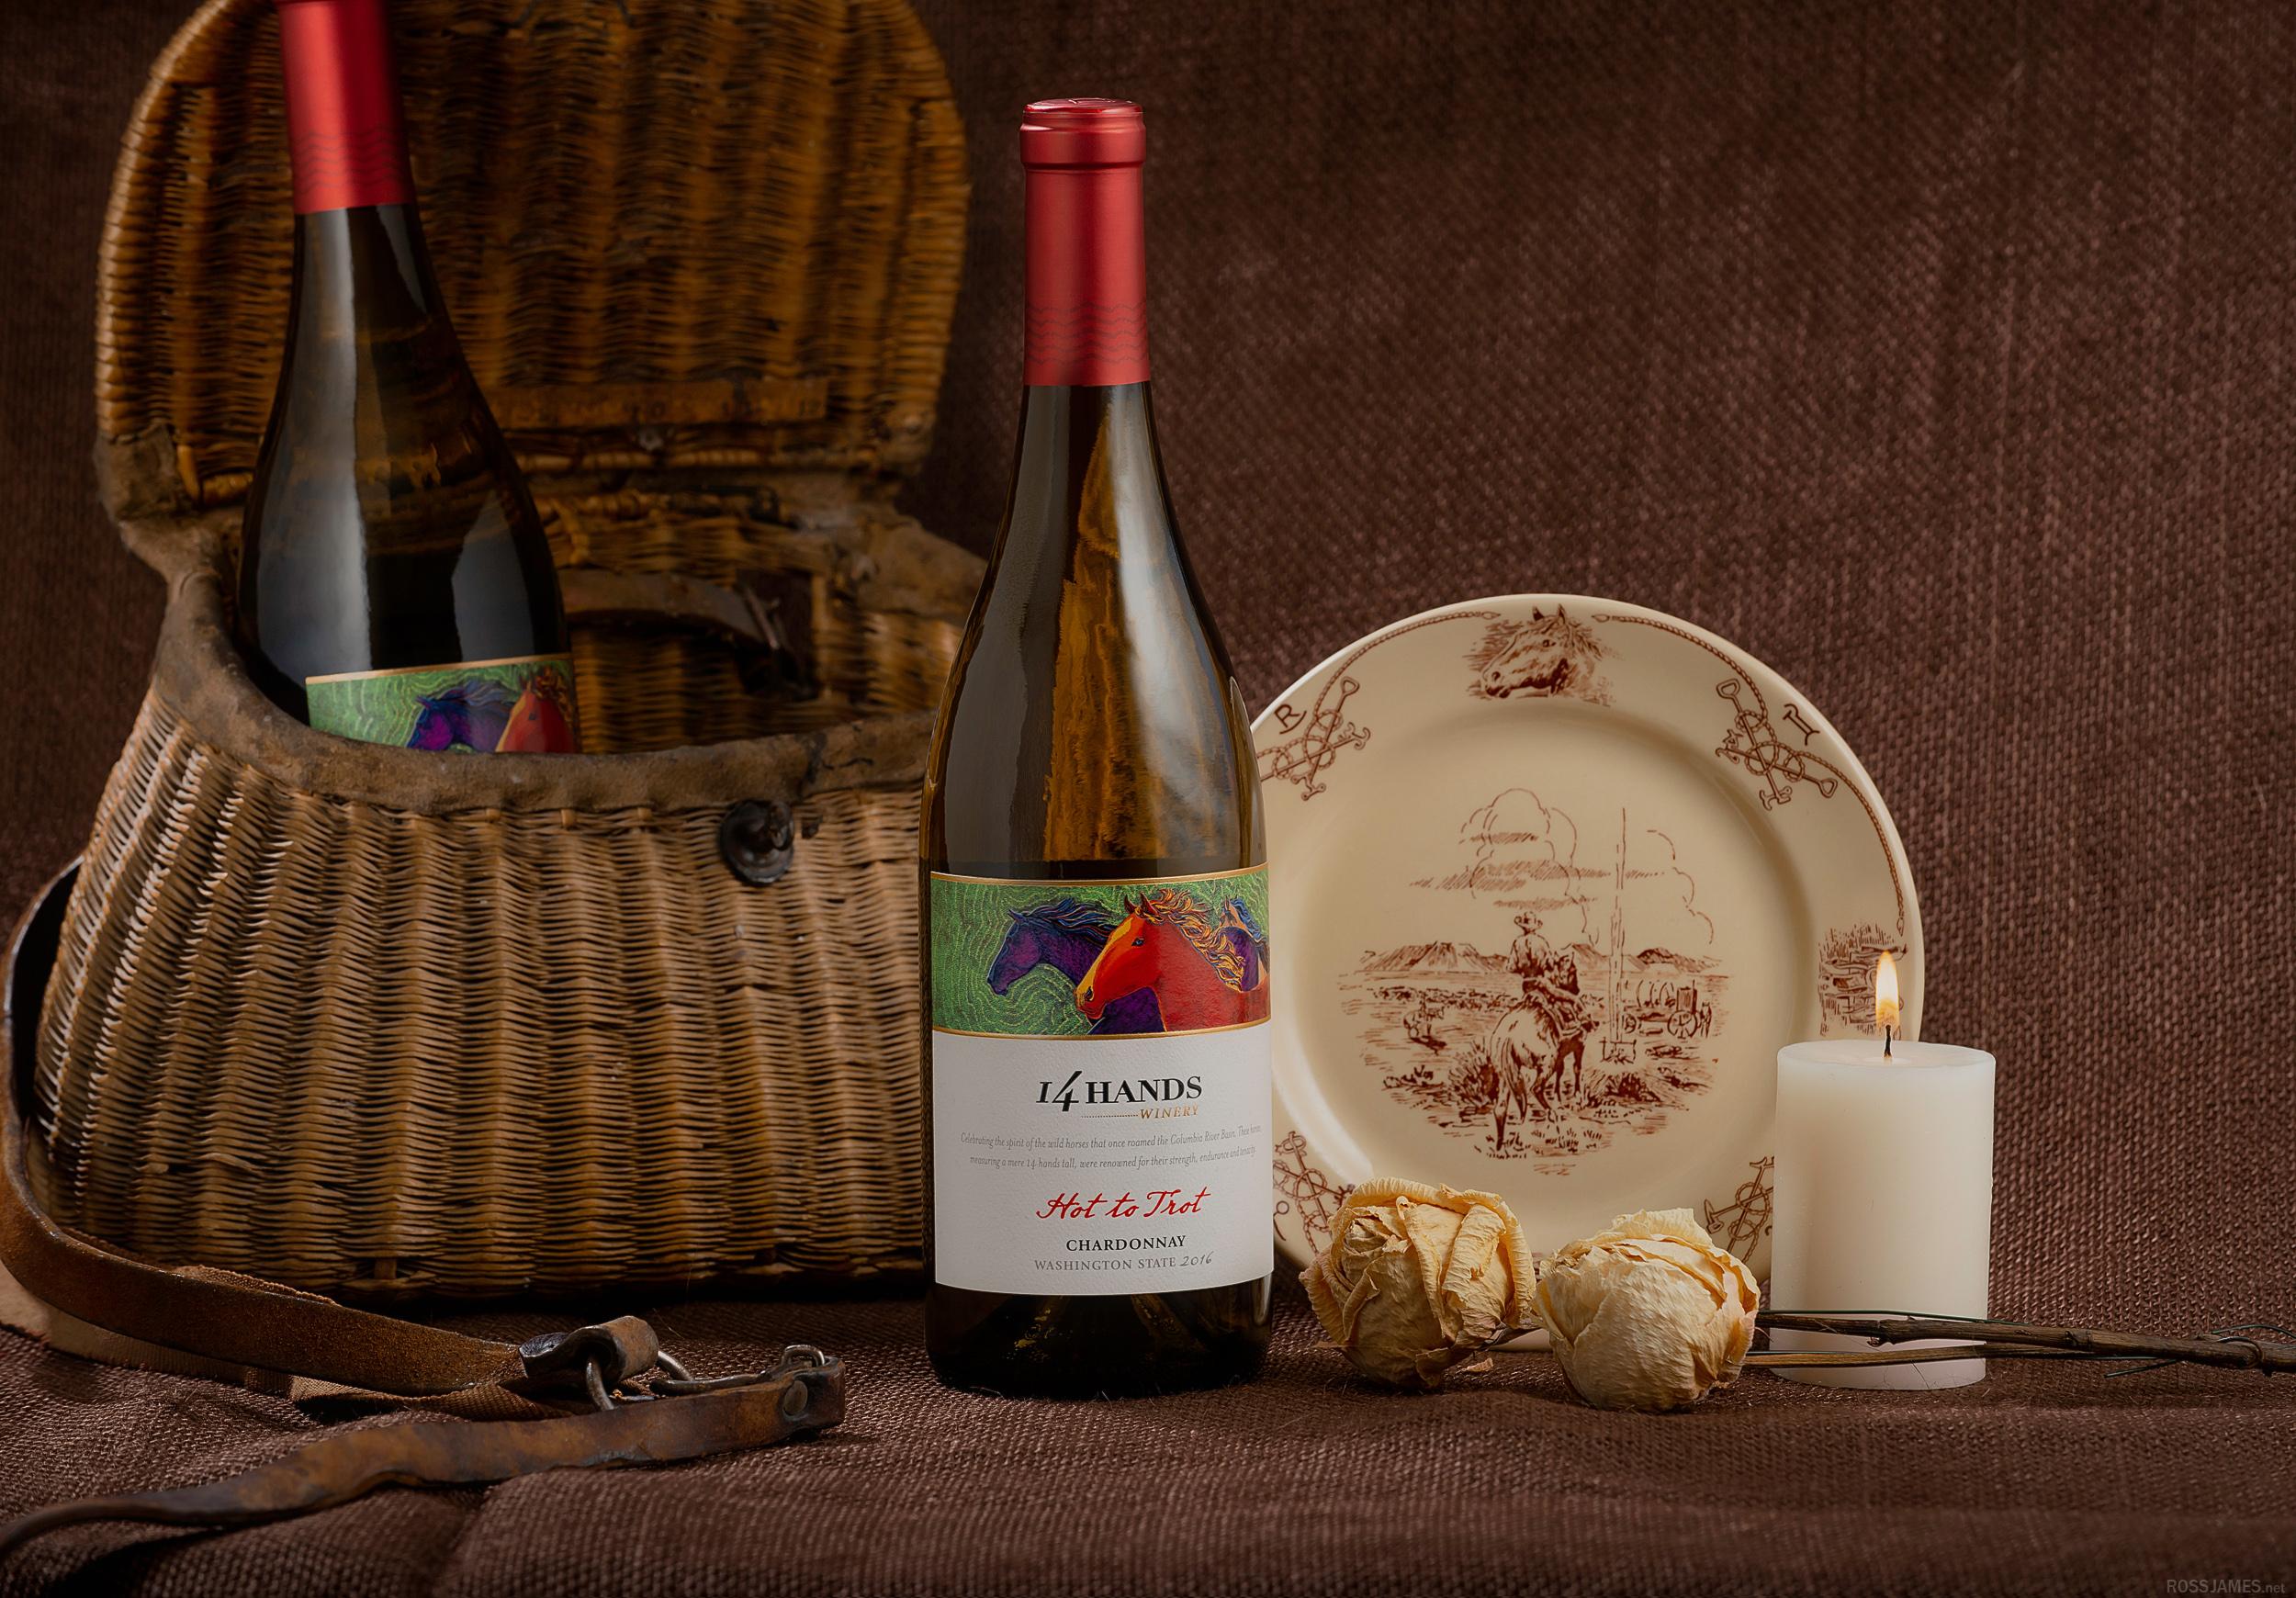 14 Hands Chardonnay V2+ 2k small rj.jpg